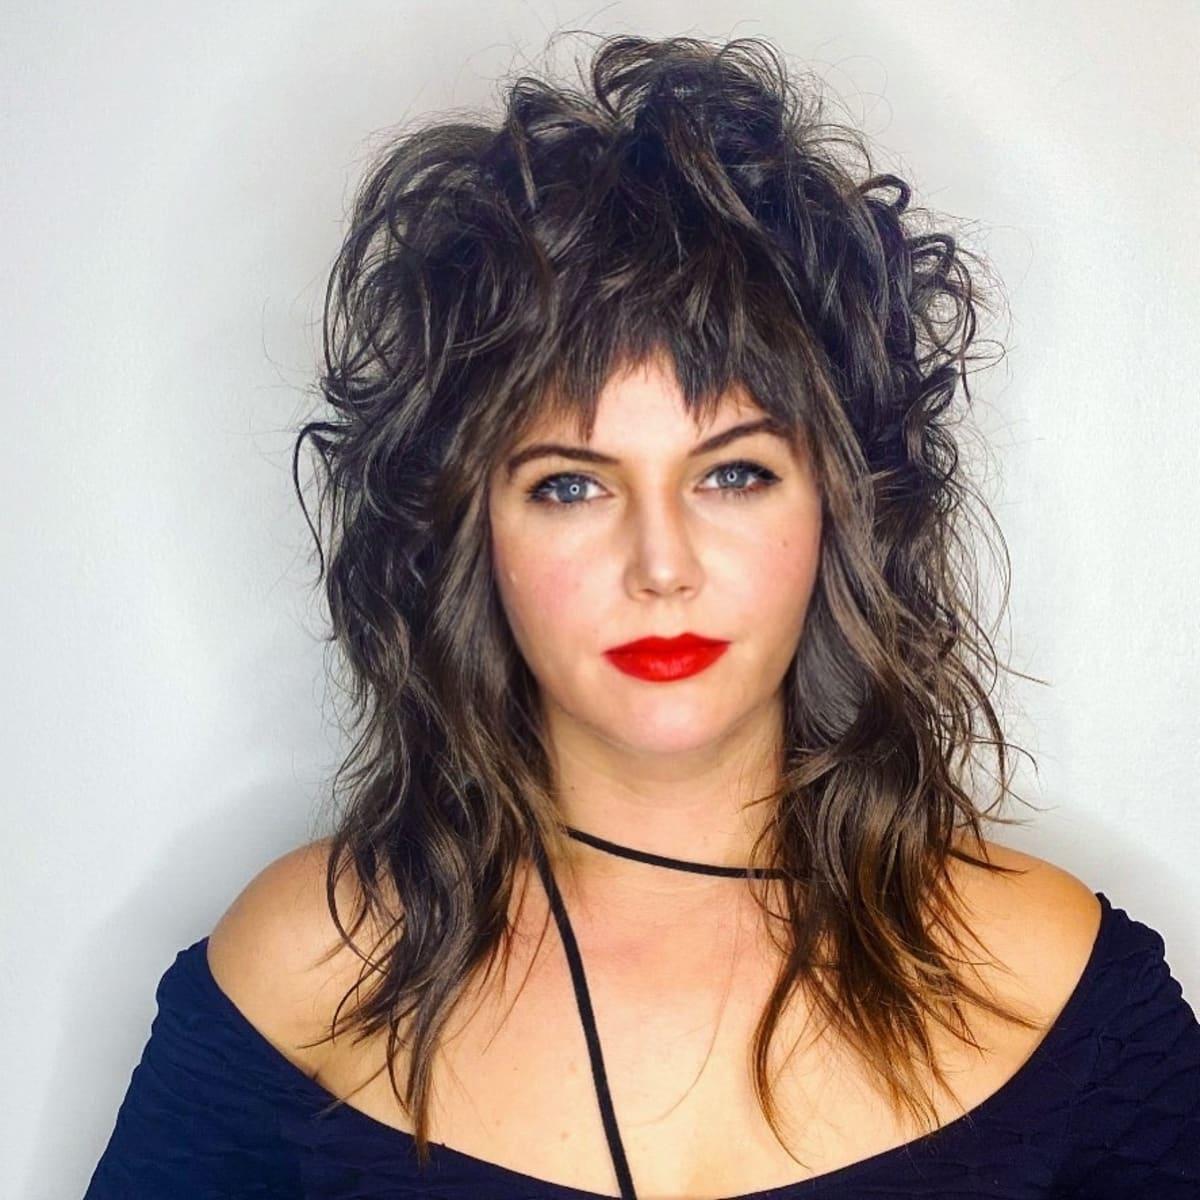 Wild Shaggy Mid-Length Hair